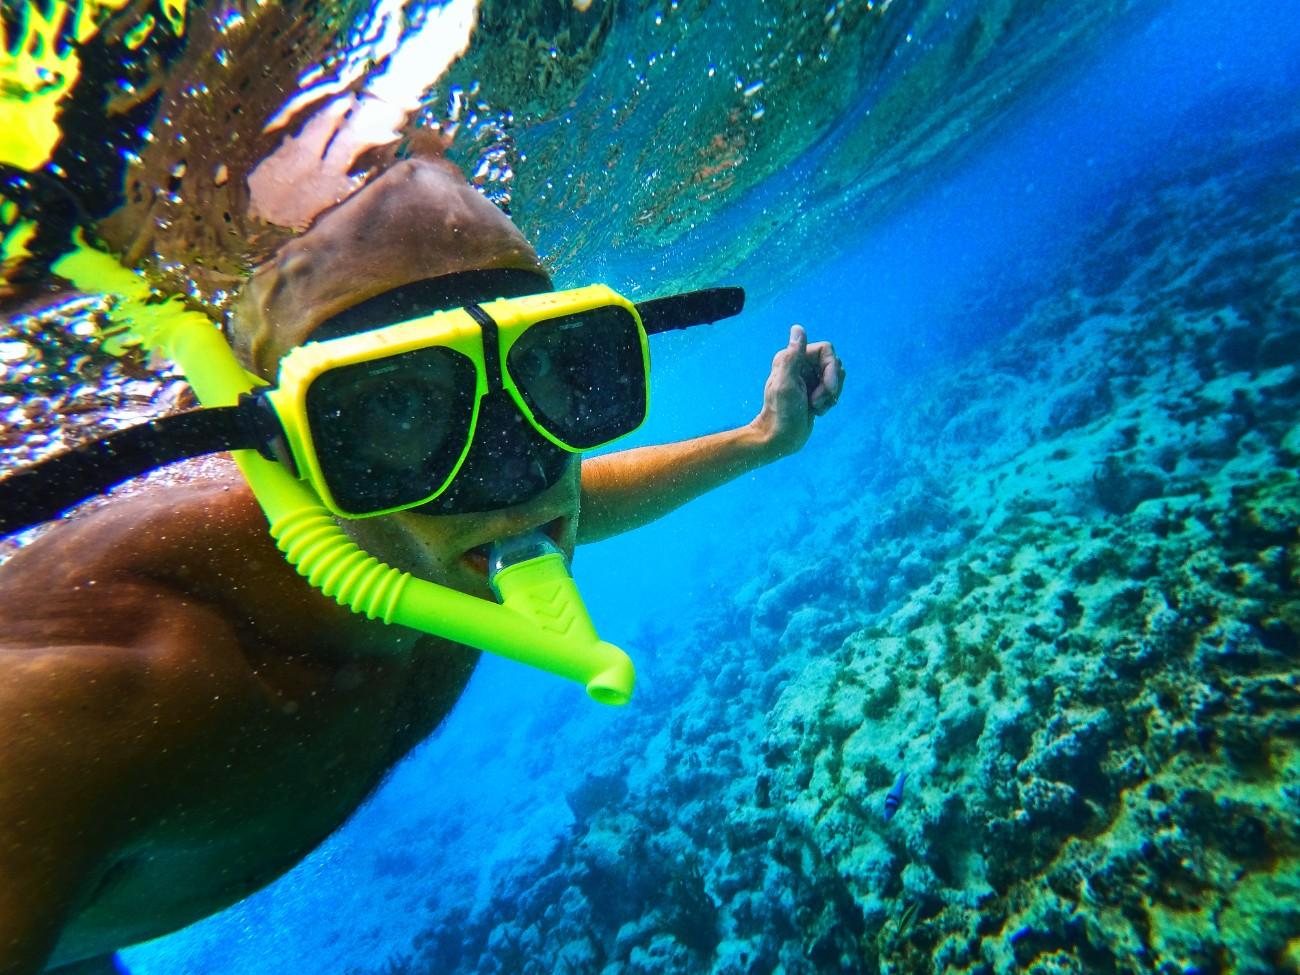 Rob Taylor snorkeling Isla Palominito Puerto Rico 1